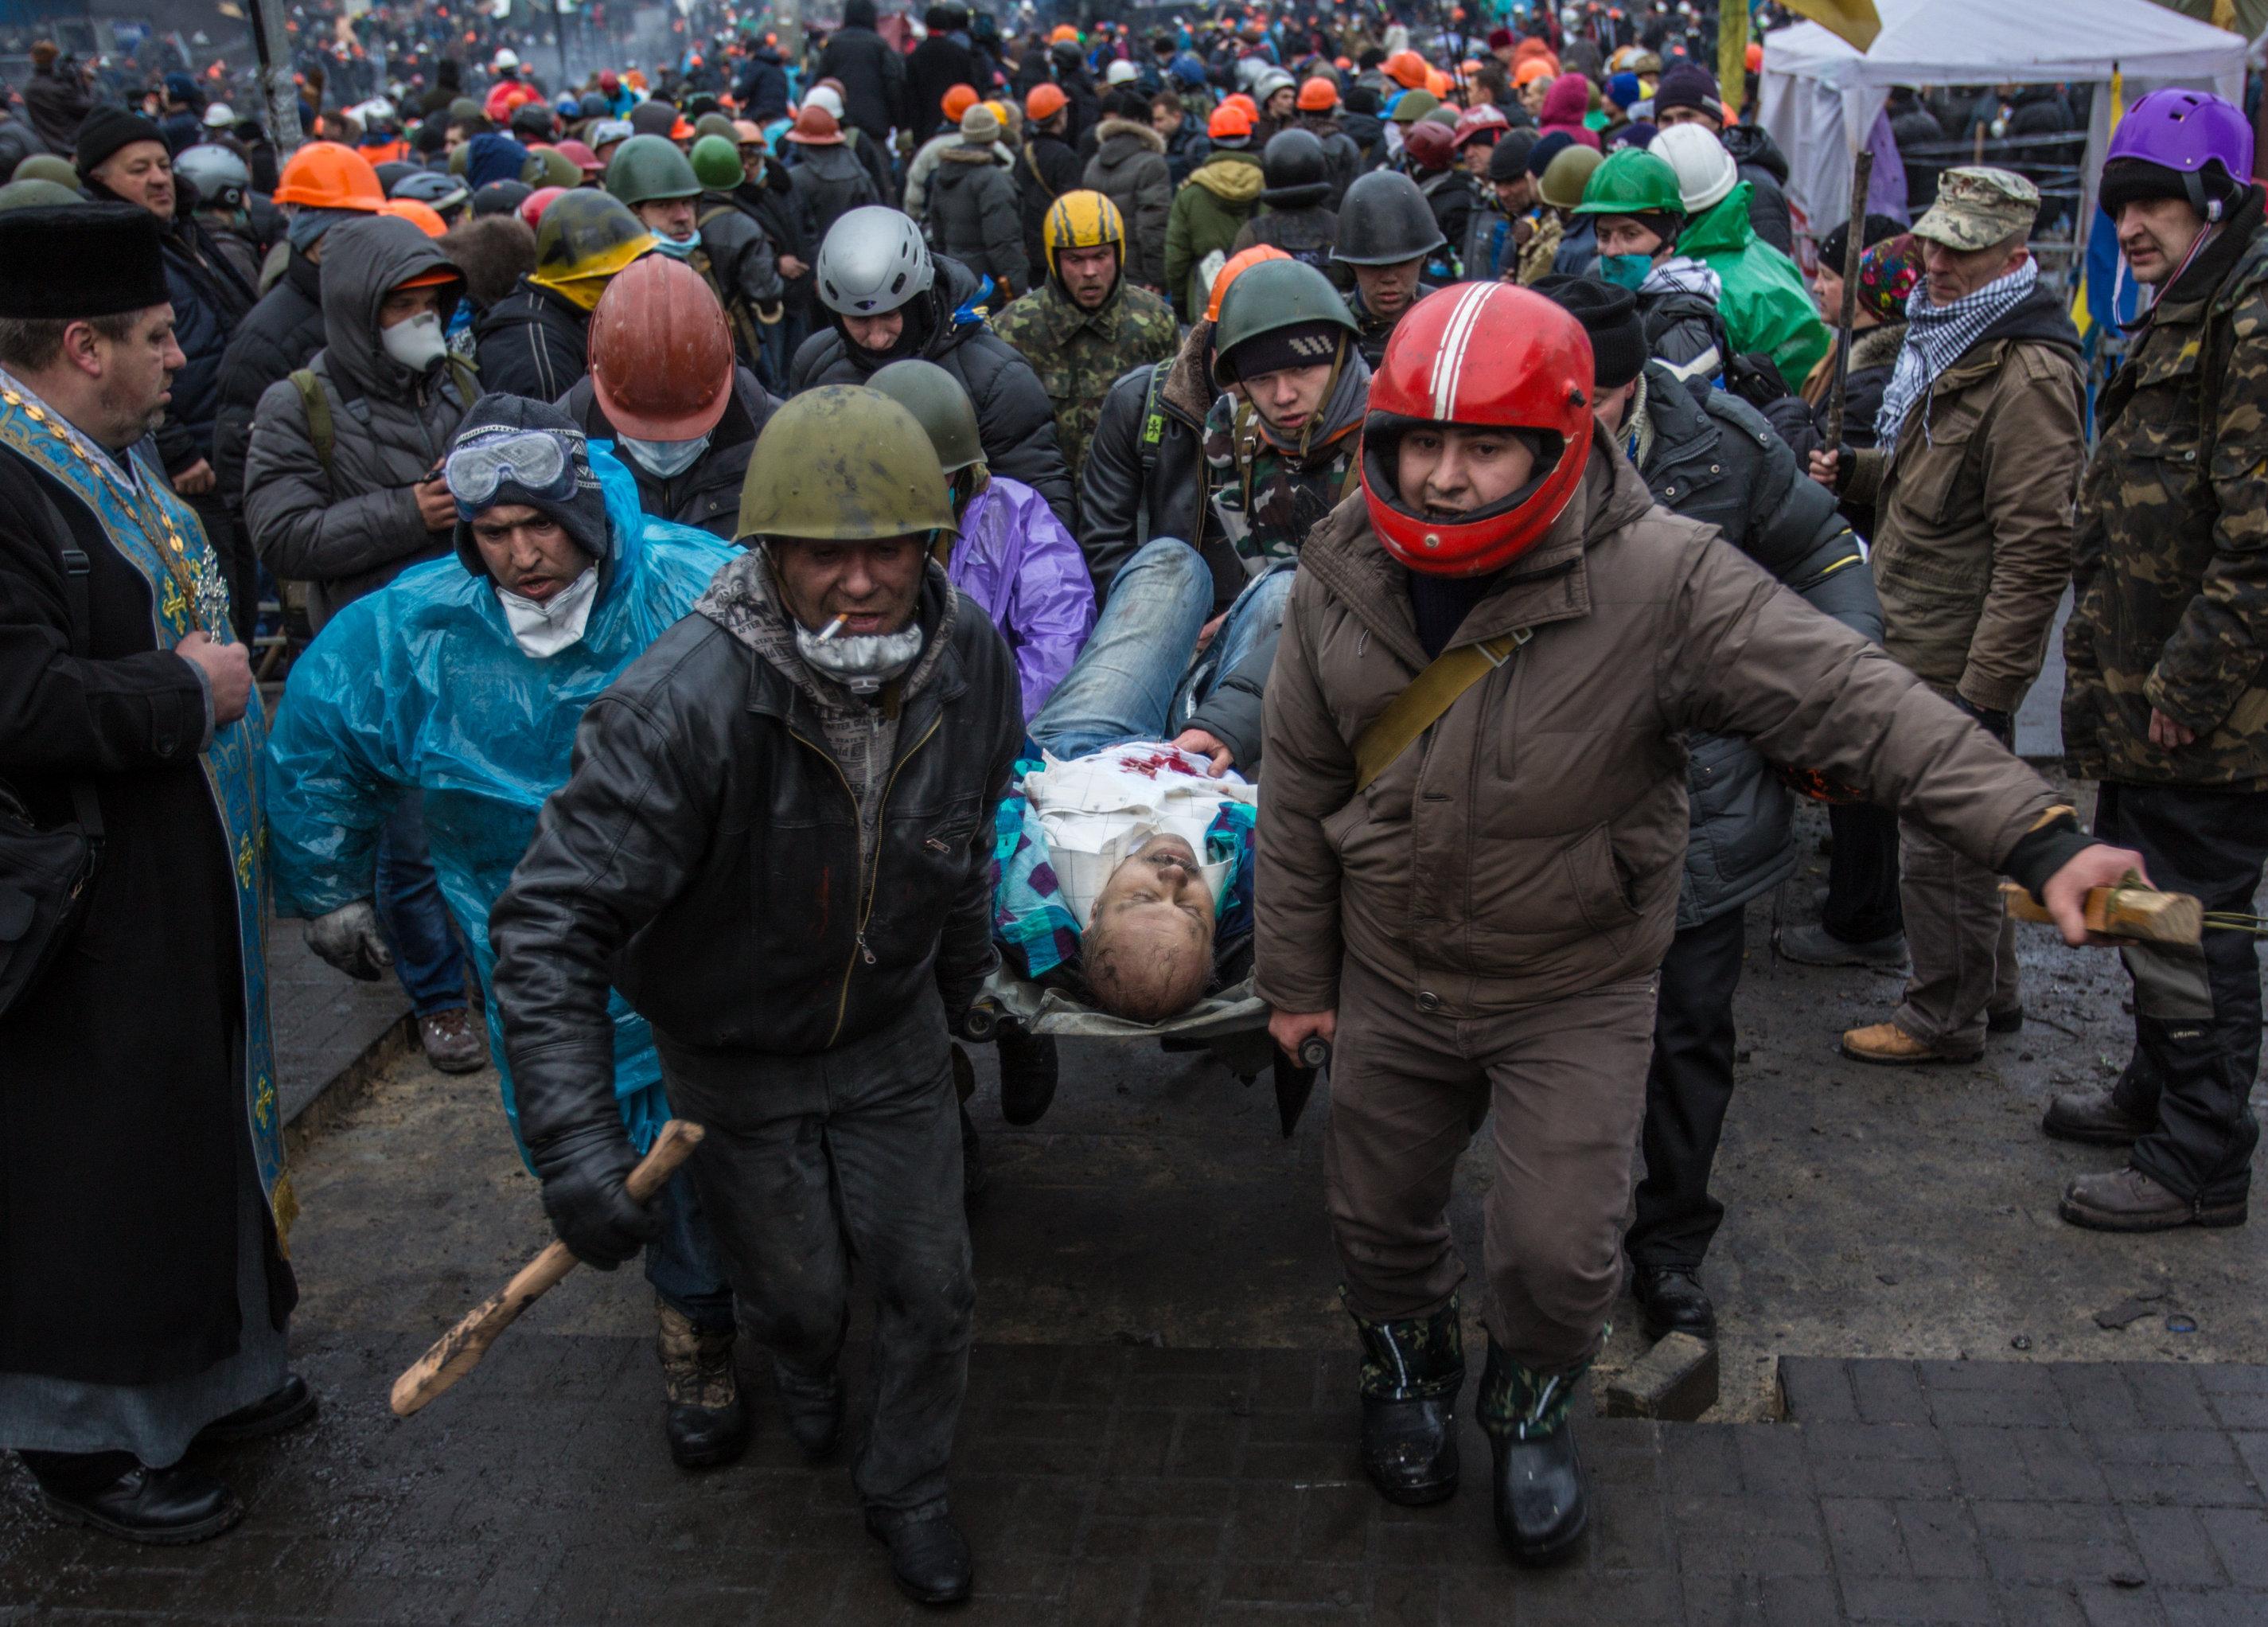 Сторонники оппозиции несут раненного во время столкновений с сотрудниками правопорядка в Киеве, архивное фото